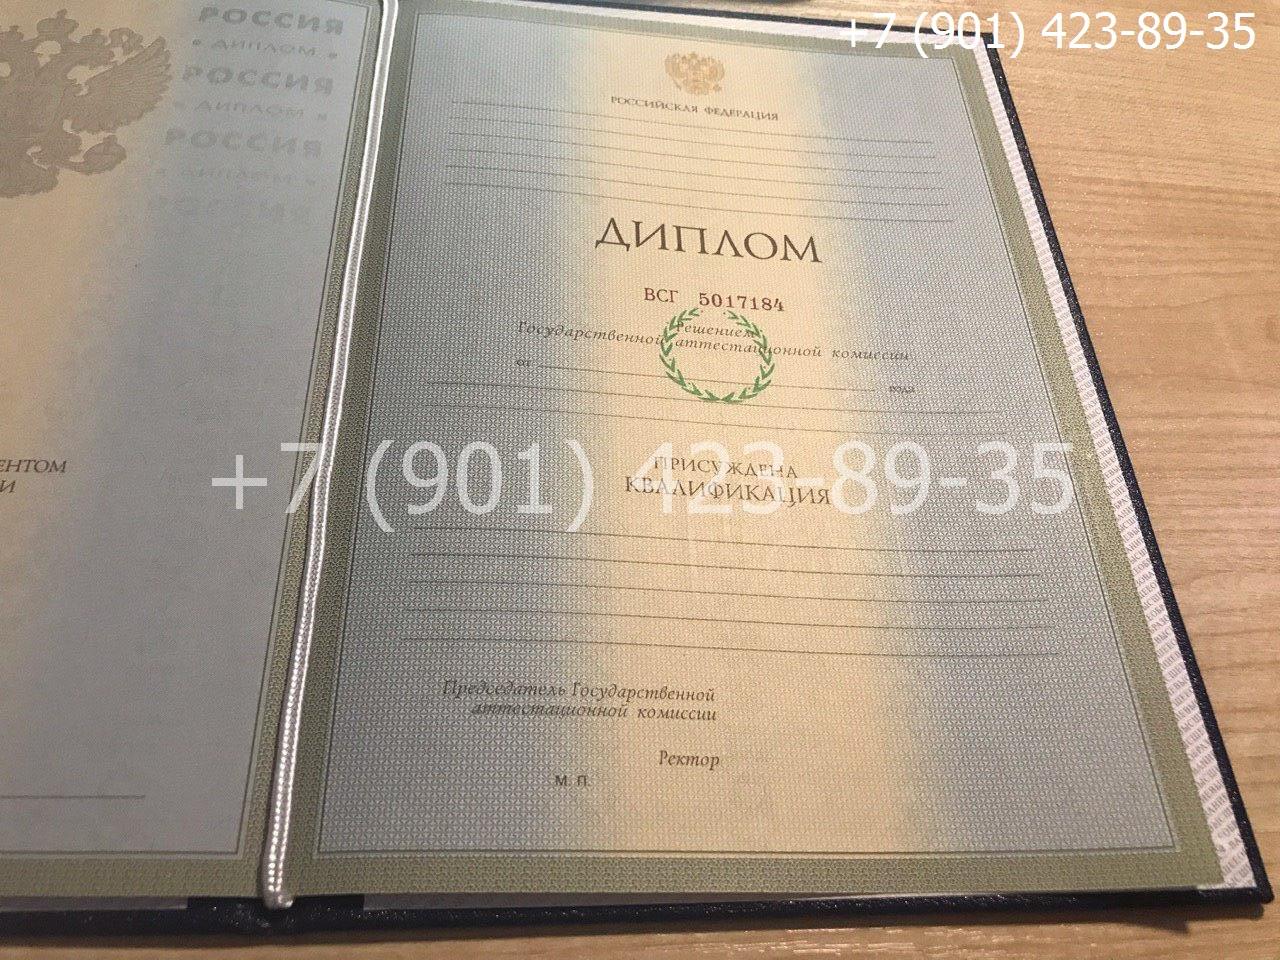 Диплом специалиста 2002-2008 годов, старого образца, титульный лист